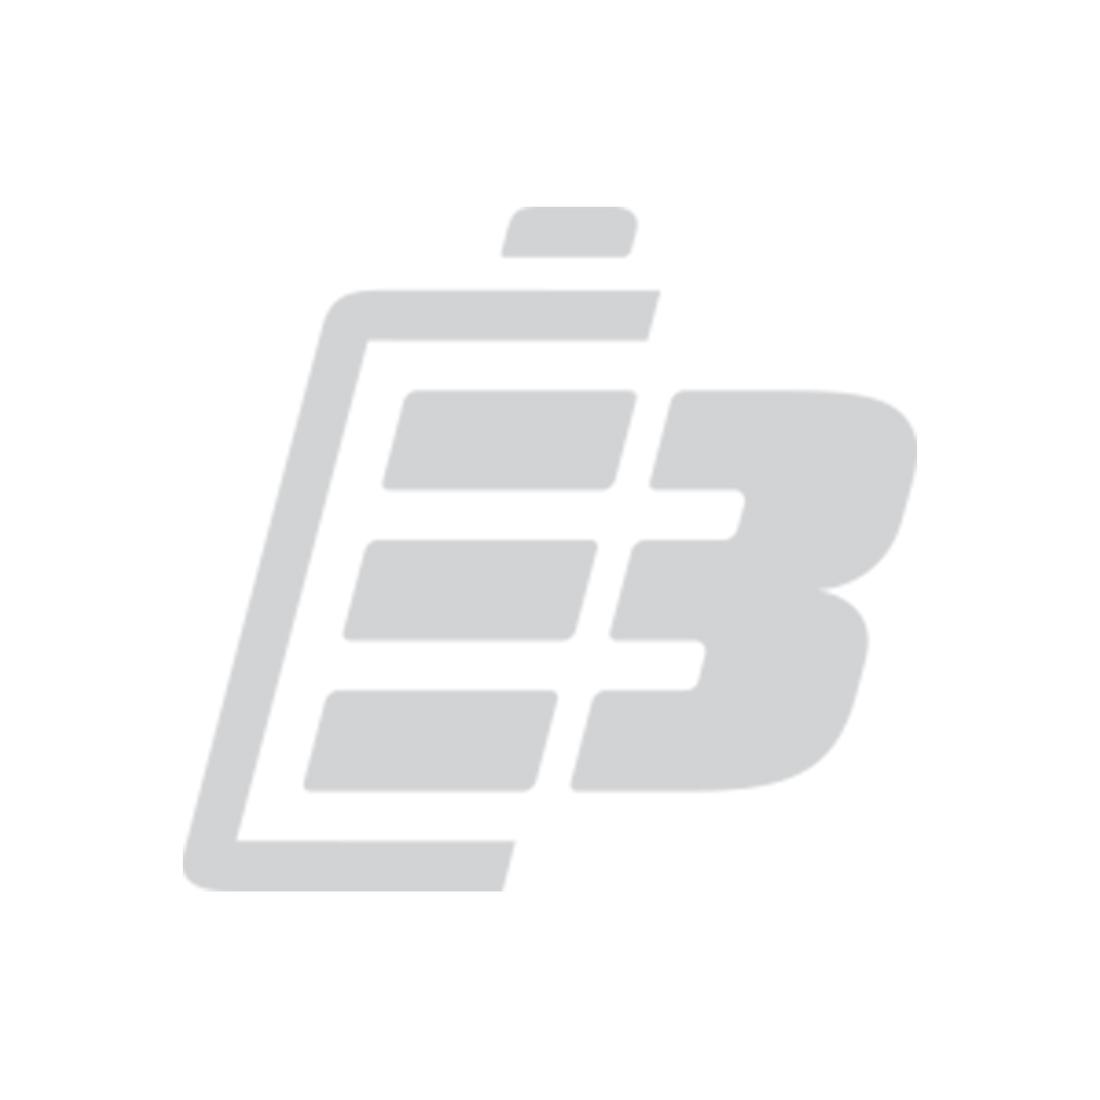 Μπαταρία tablet Apple iPad 2_1